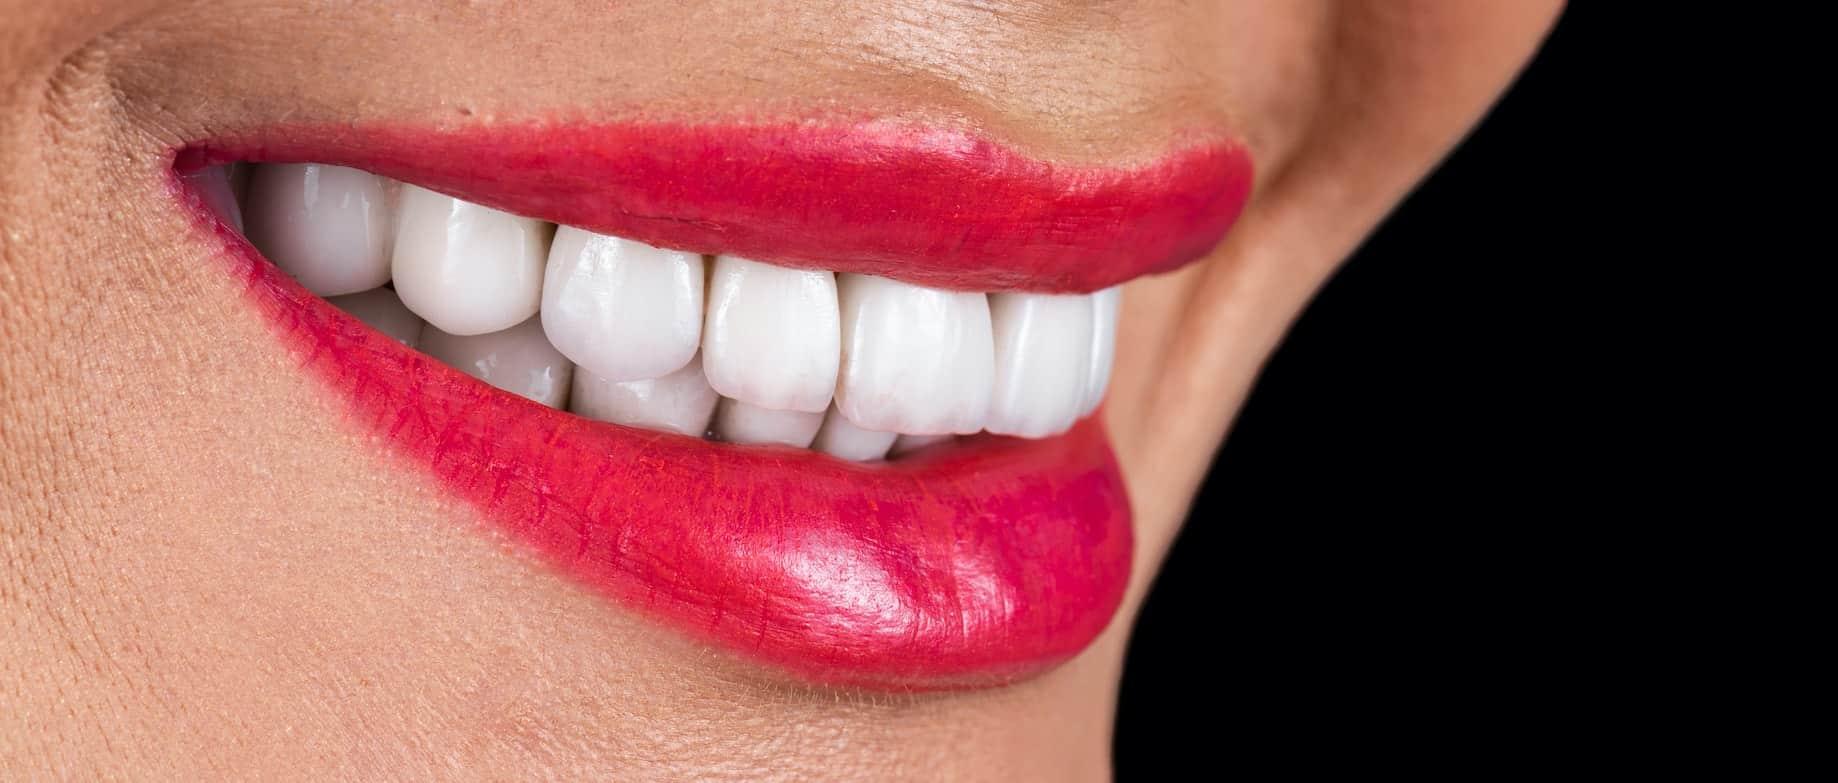 חסרונות של ציפוי שיניים קומפוזיט